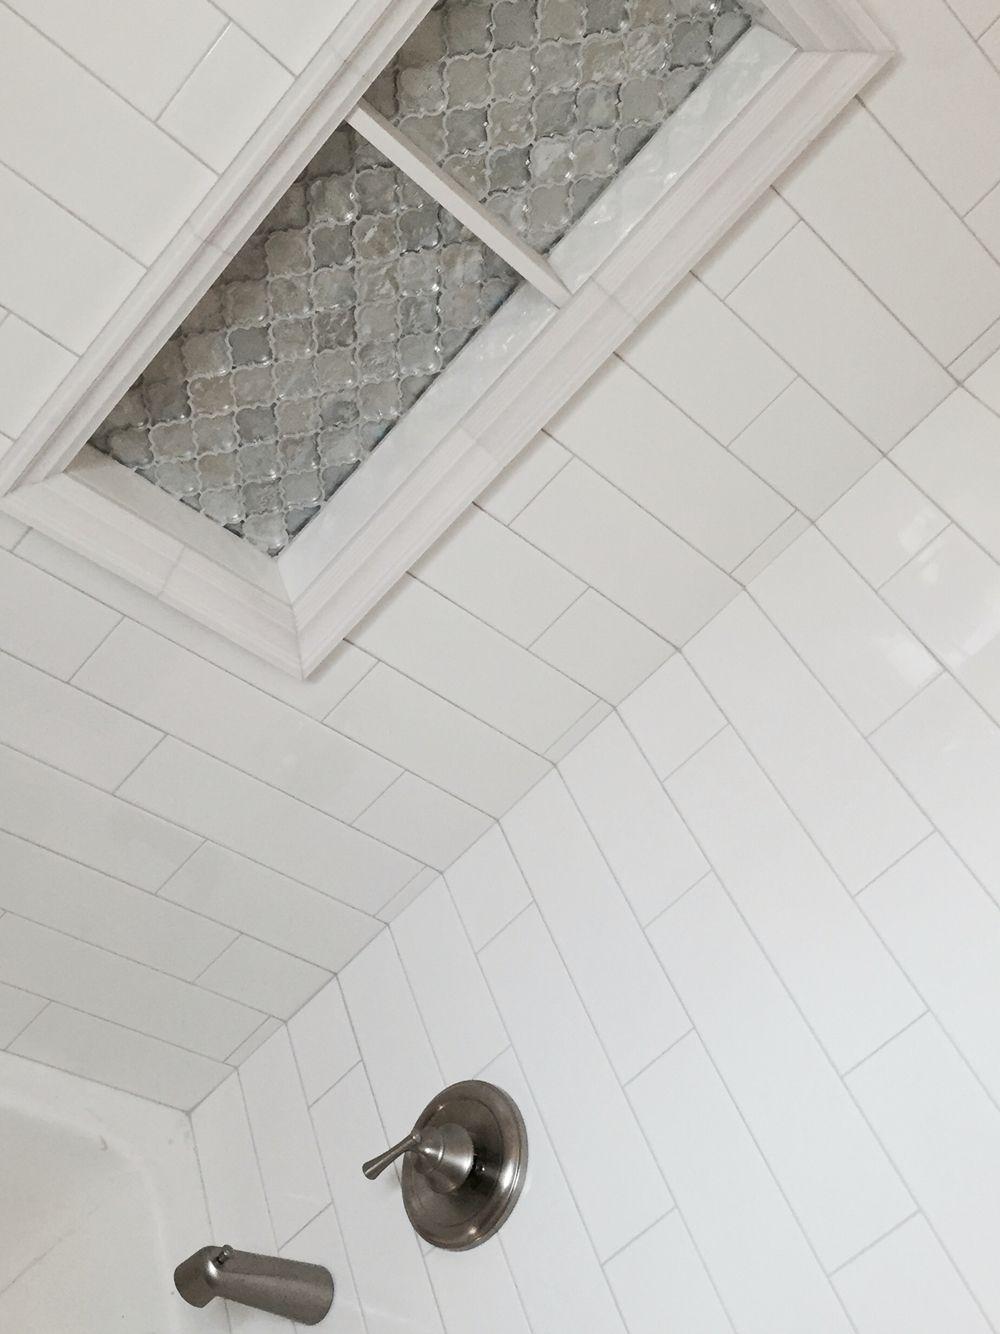 White subway tile arabesque tile shower niche satin nickel hardware white subway tile arabesque tile shower niche satin nickel hardware love dailygadgetfo Images